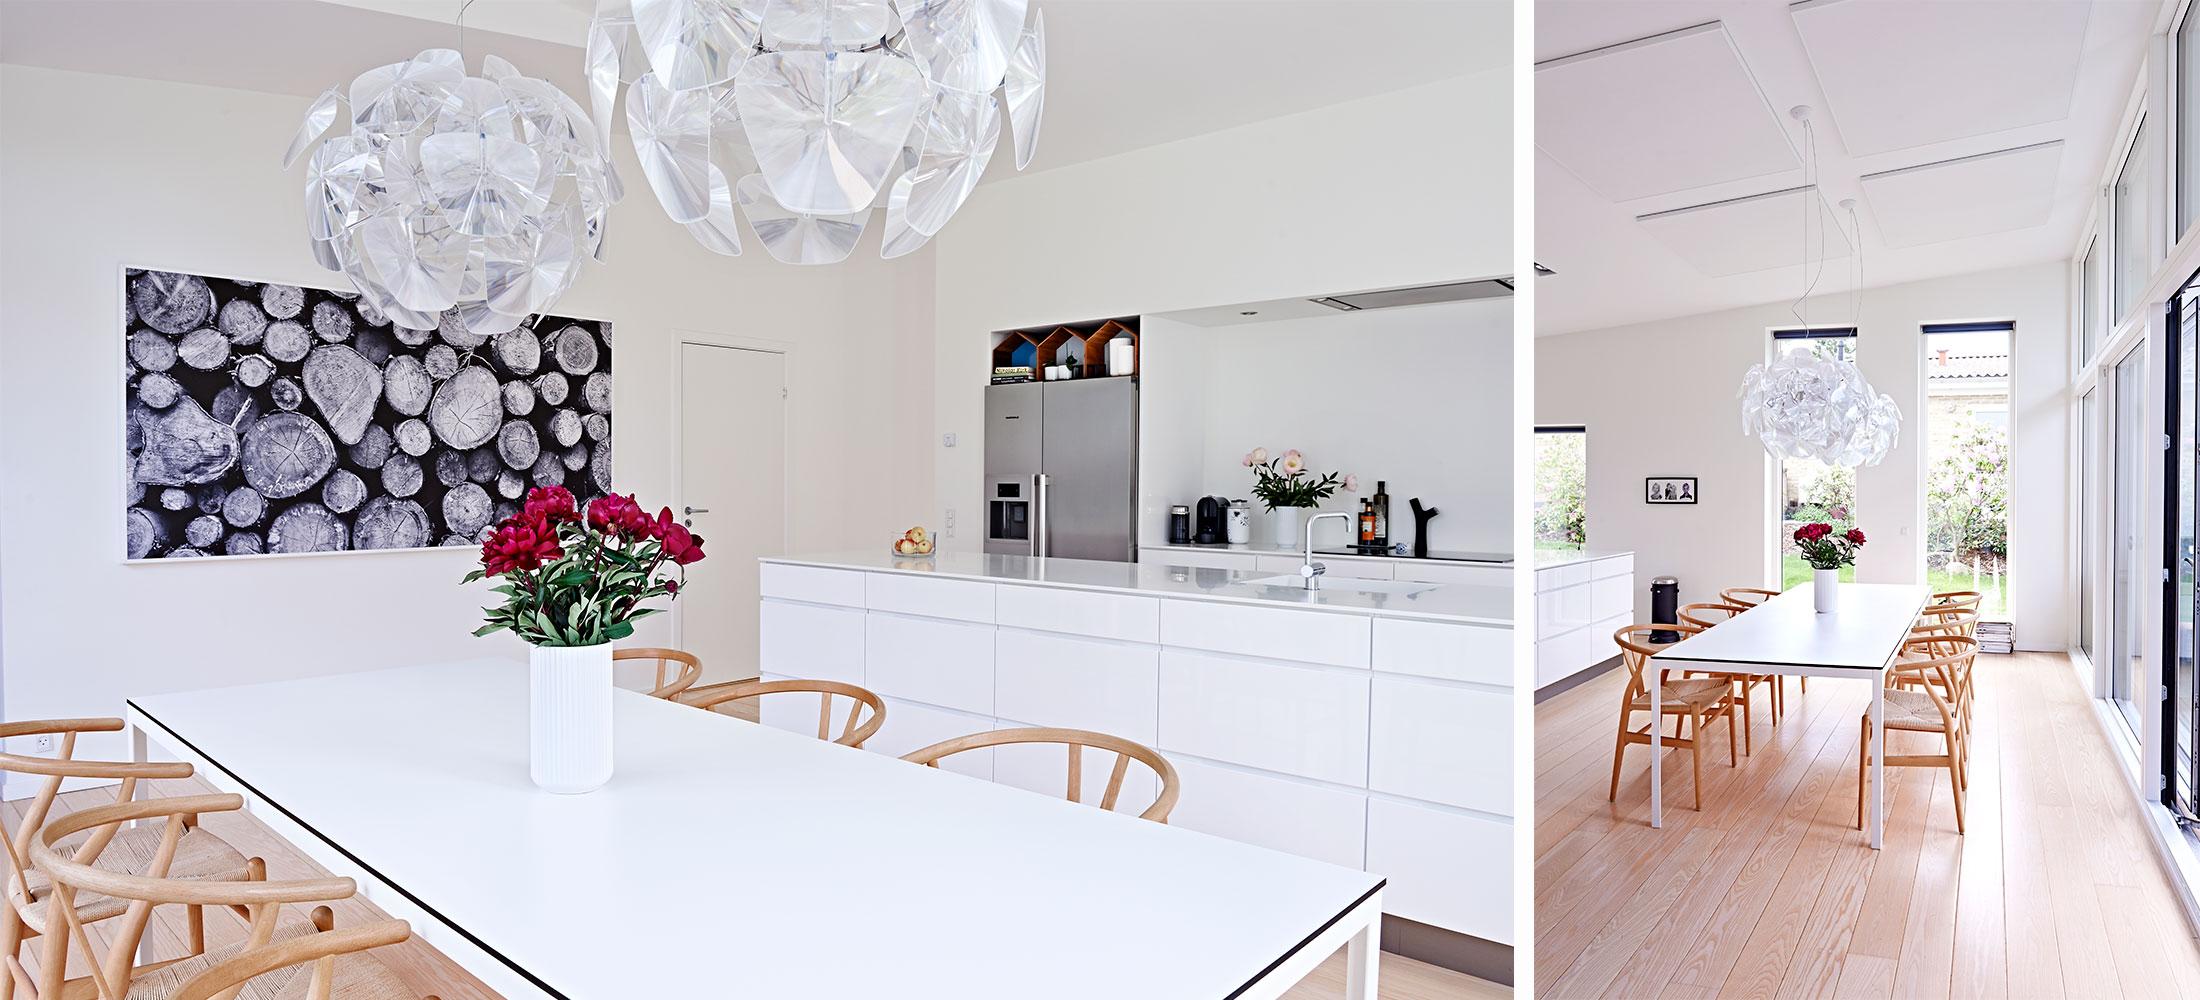 1960'er parcel blev til lyst drømmehjem   danske boligarkitekter